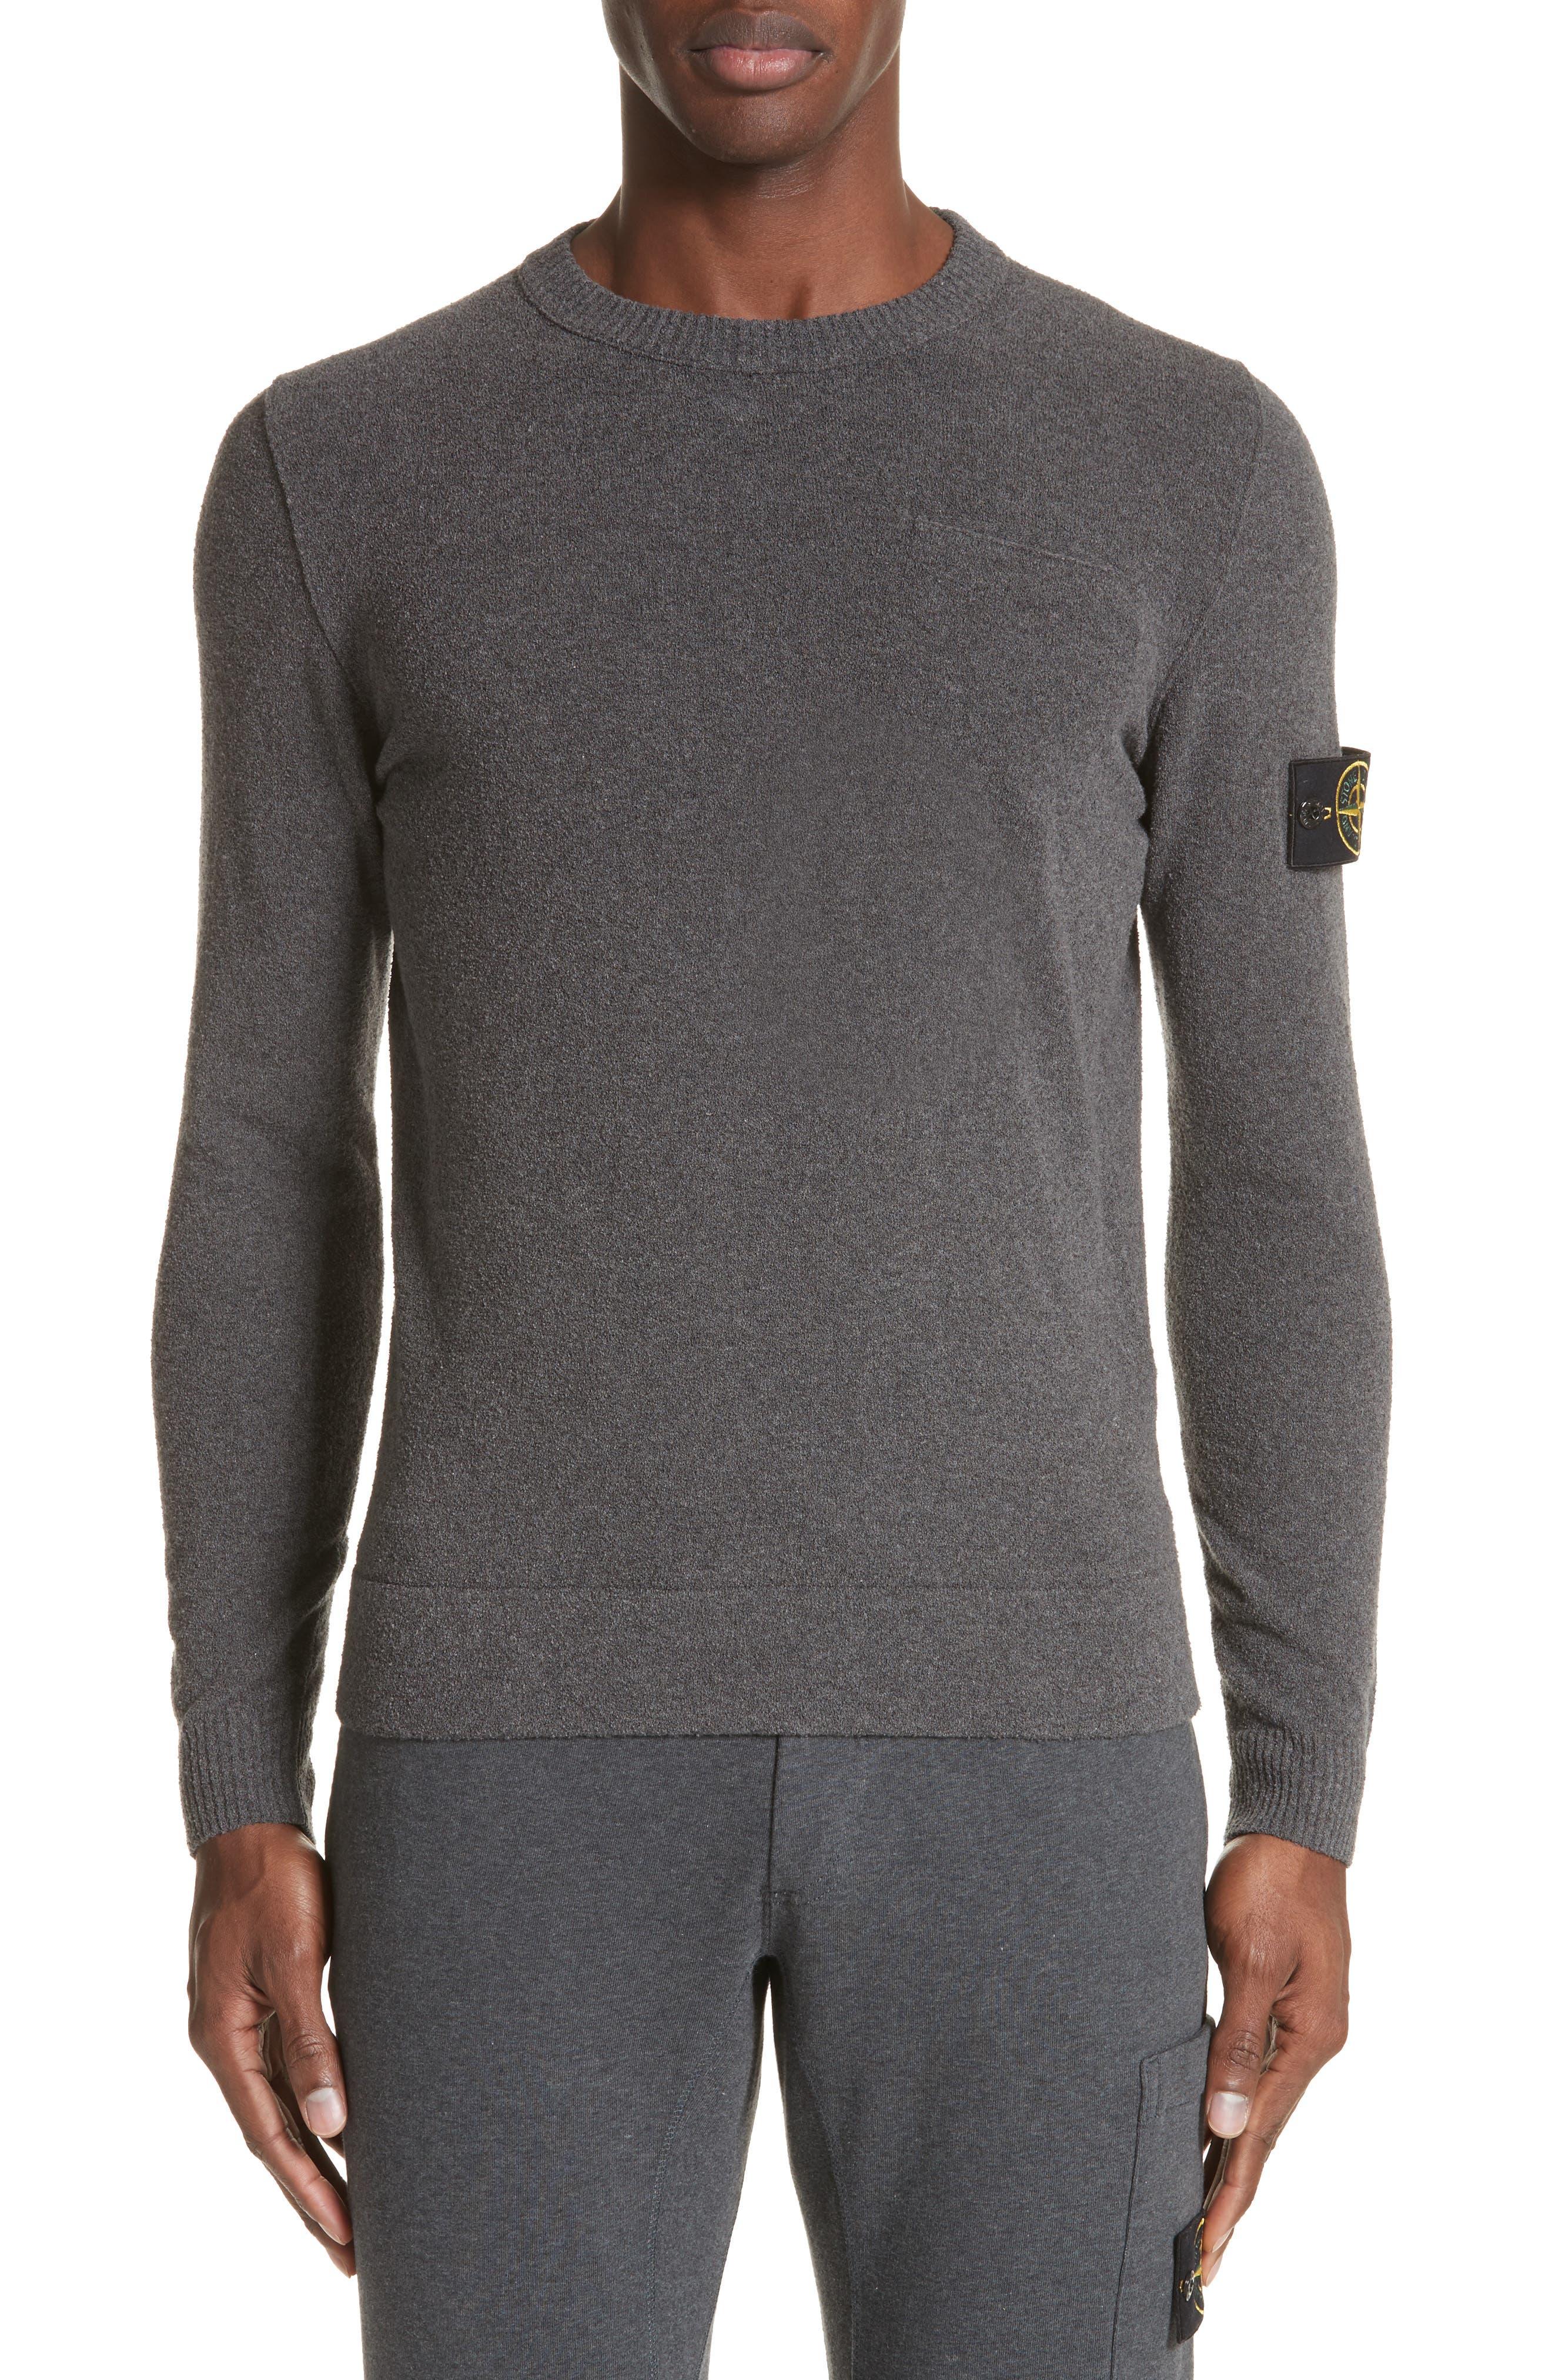 Terry Knit Crewneck Sweatshirt,                         Main,                         color, Grey